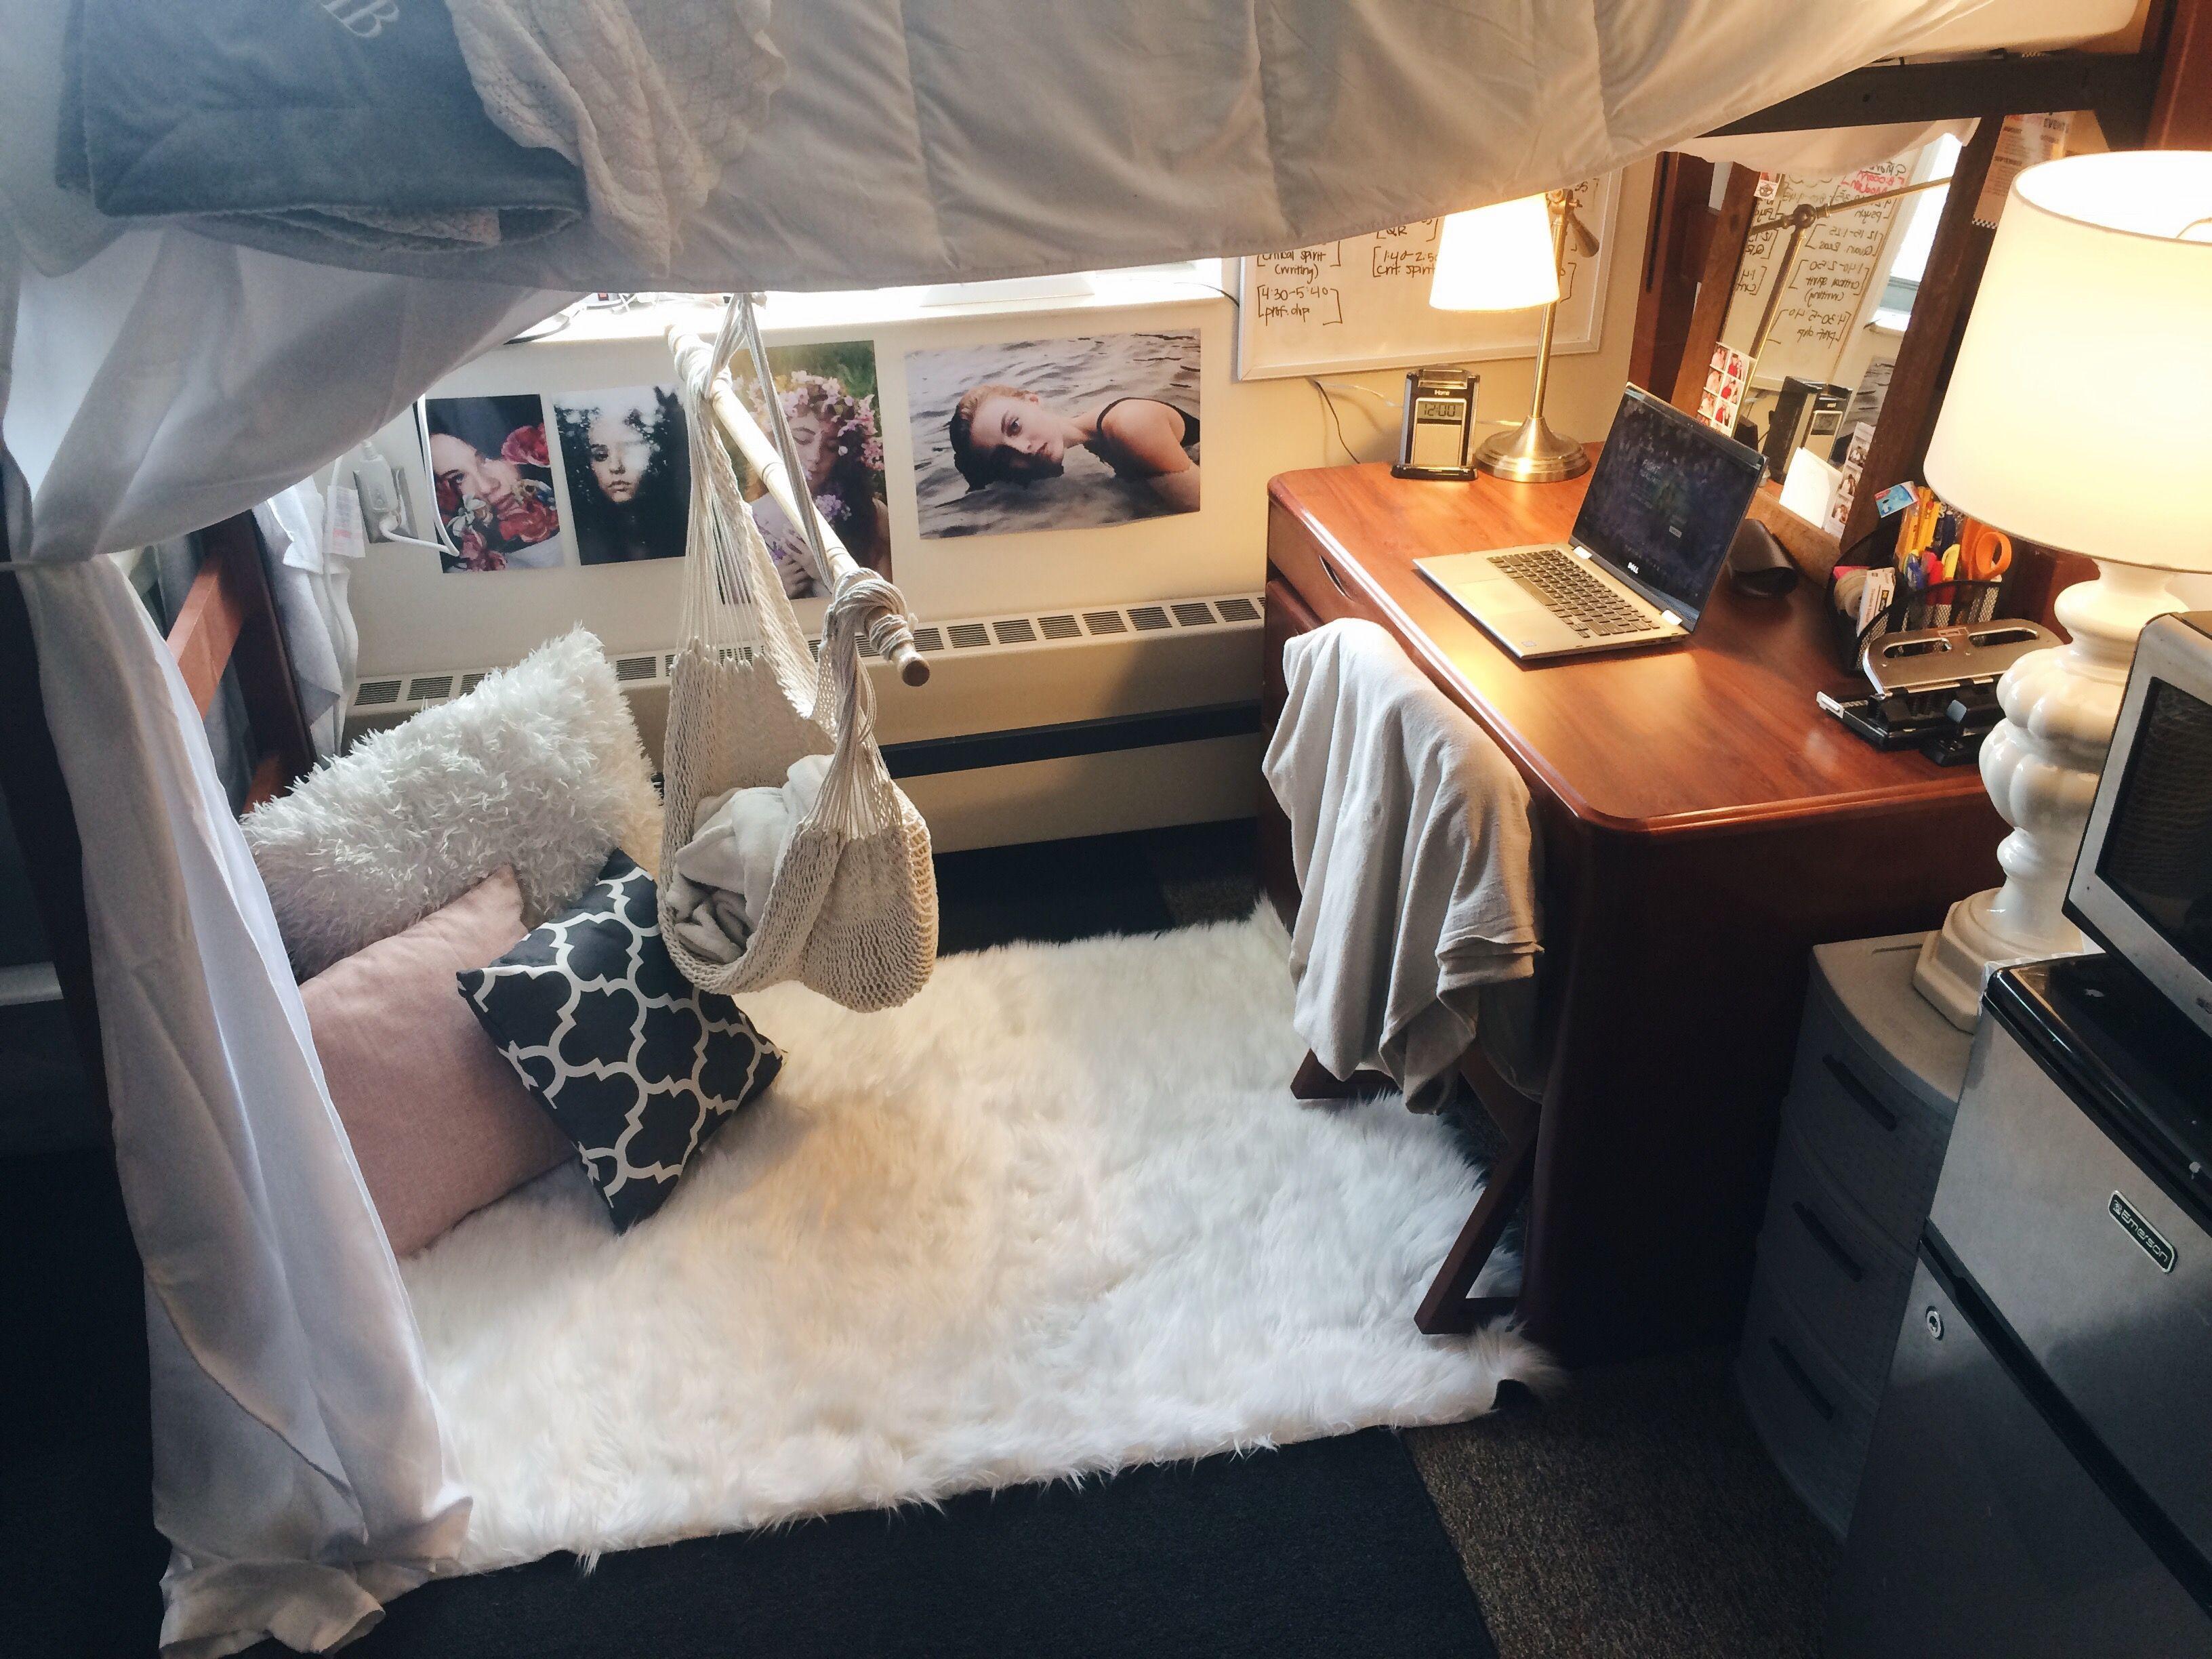 Dorm Room With Hammock Chair Dormroom Hammock College